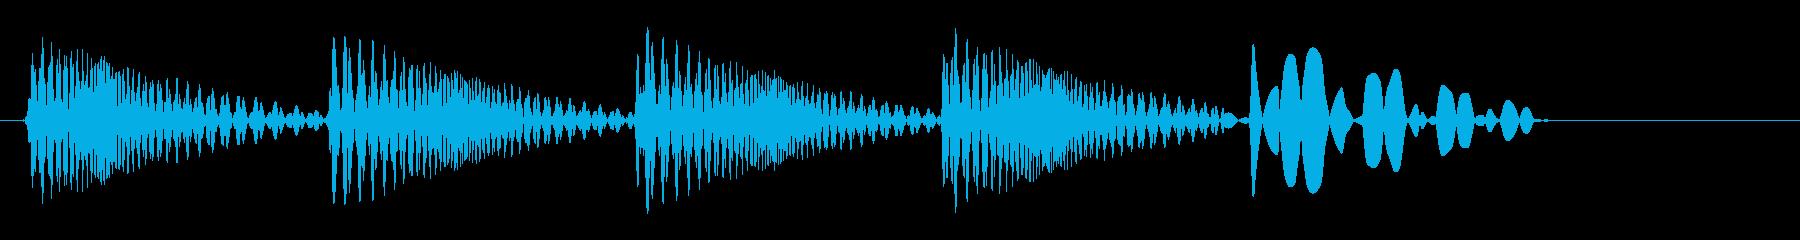 ビヨビヨビヨン(跳ね返ったような音)の再生済みの波形